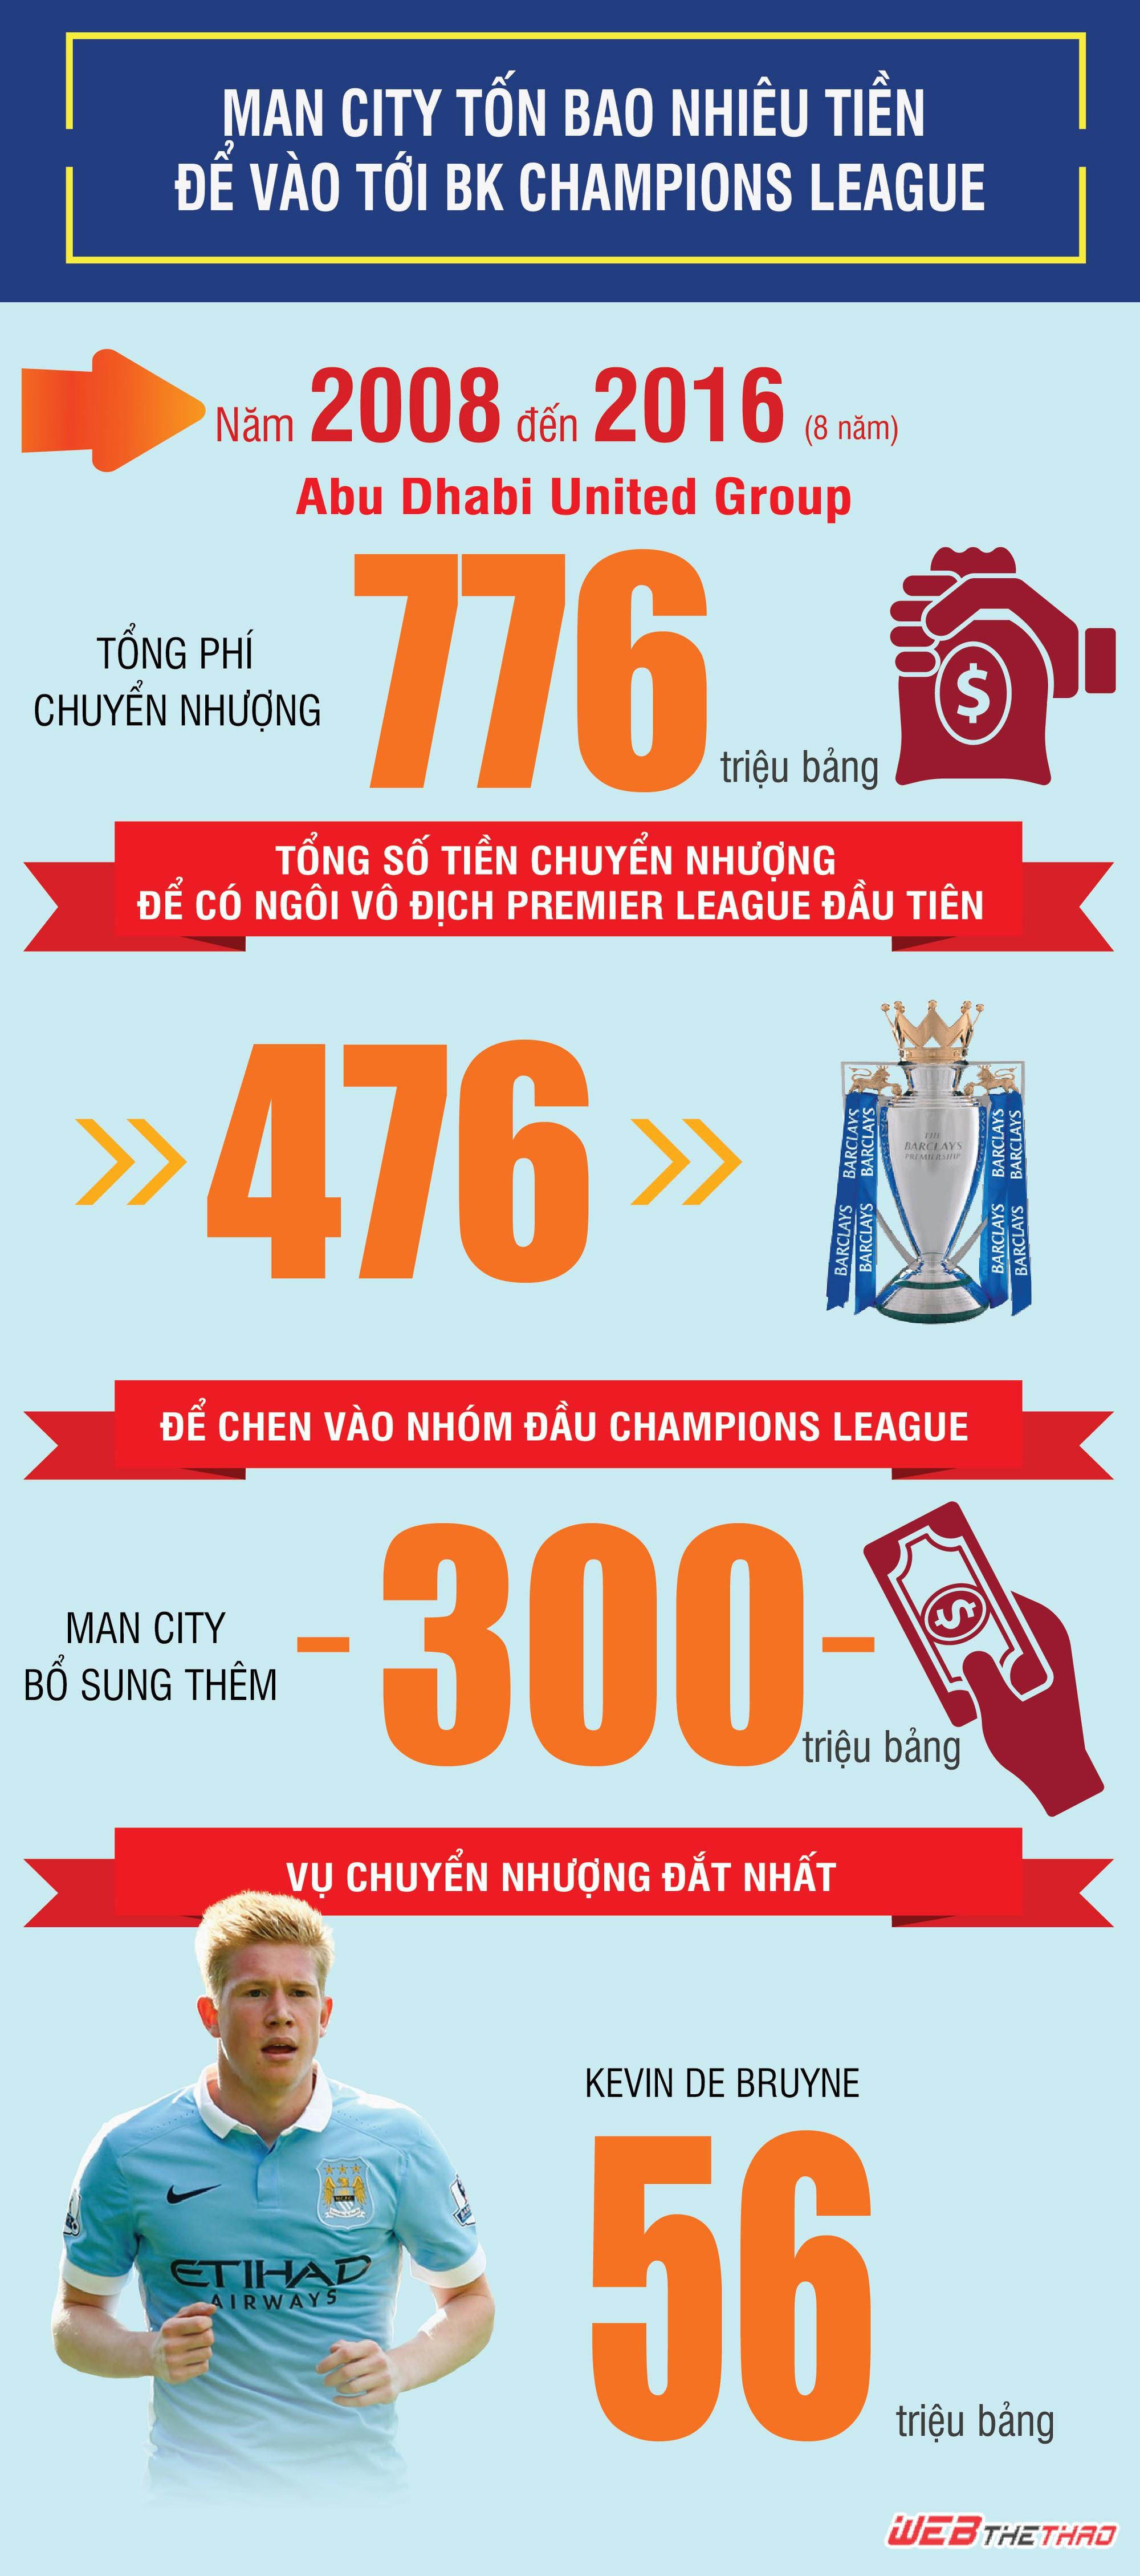 Tổng chi phí ''mua'' ghế cho Man City trong Top 4 Champions League.